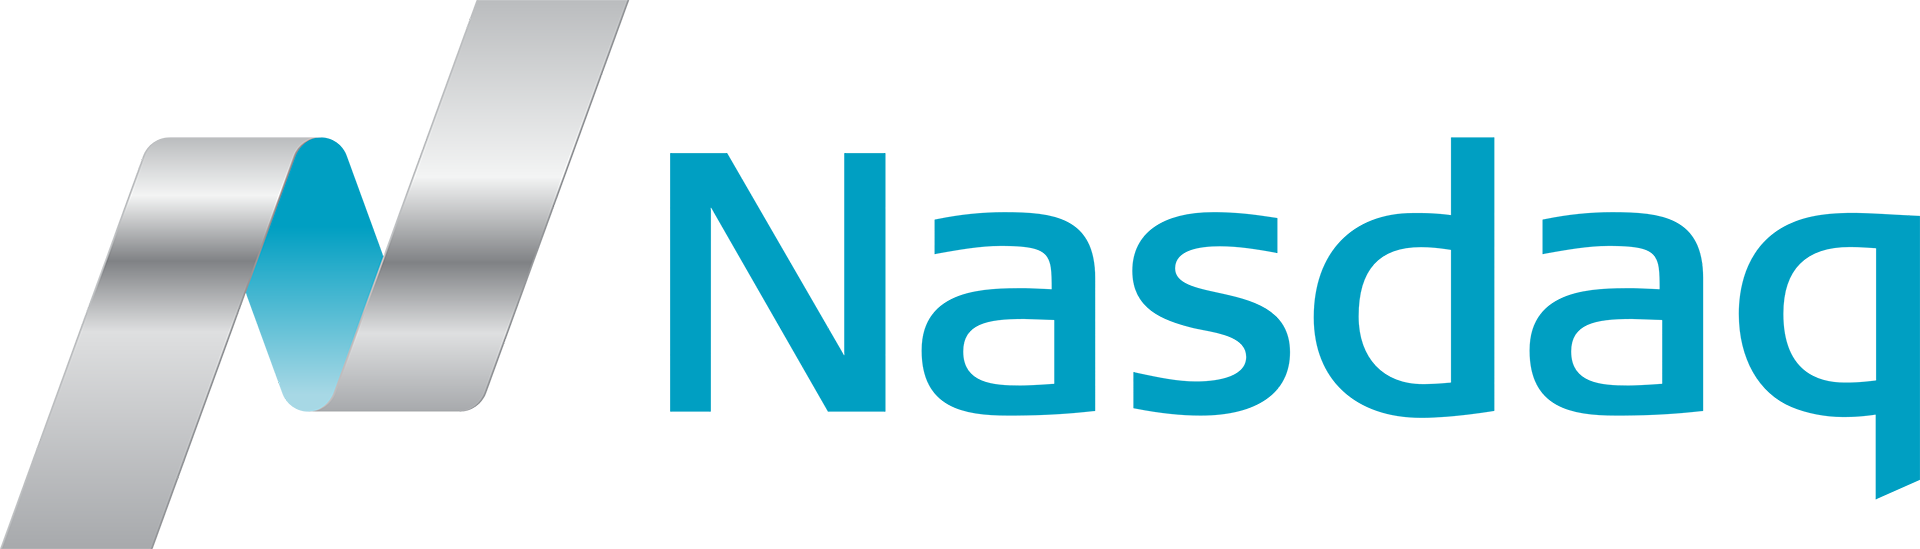 بازار بورس سهامِ نزدک(Nasdaq) در سال 2018 معاملات آتی بیت کوین را ارائه خواهد نمود